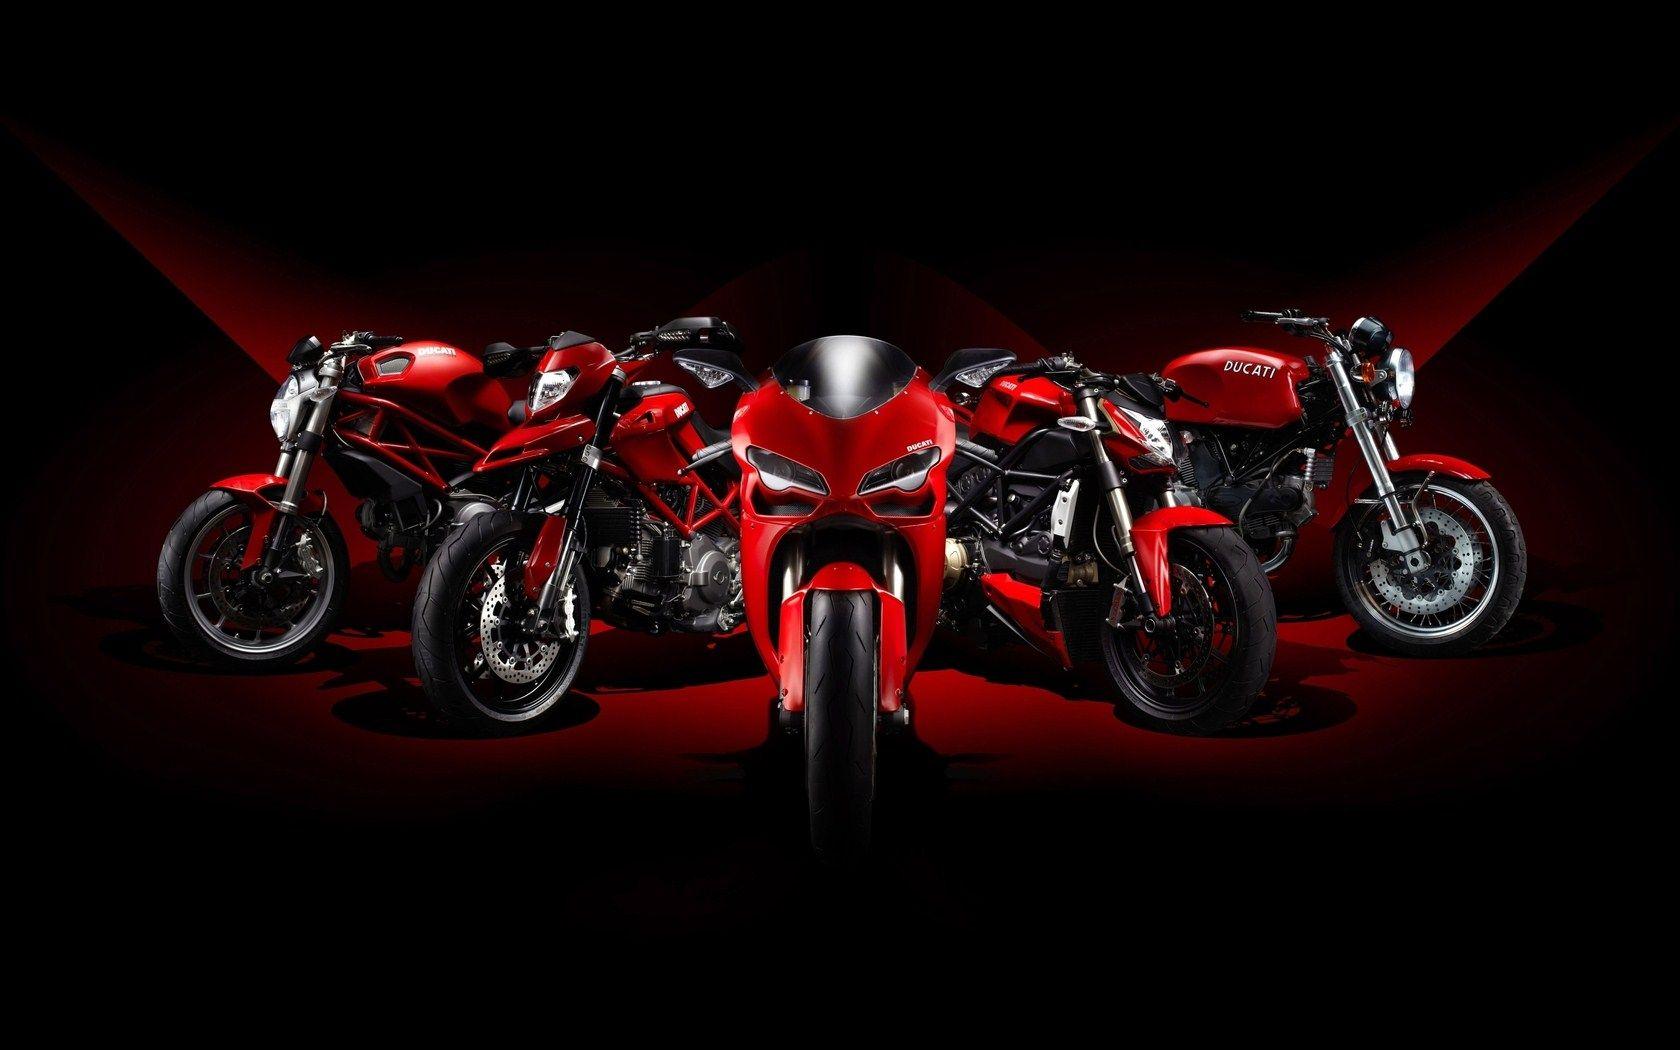 ducati bikes hd wallpaper [ 1680 x 1050 Pixel ]